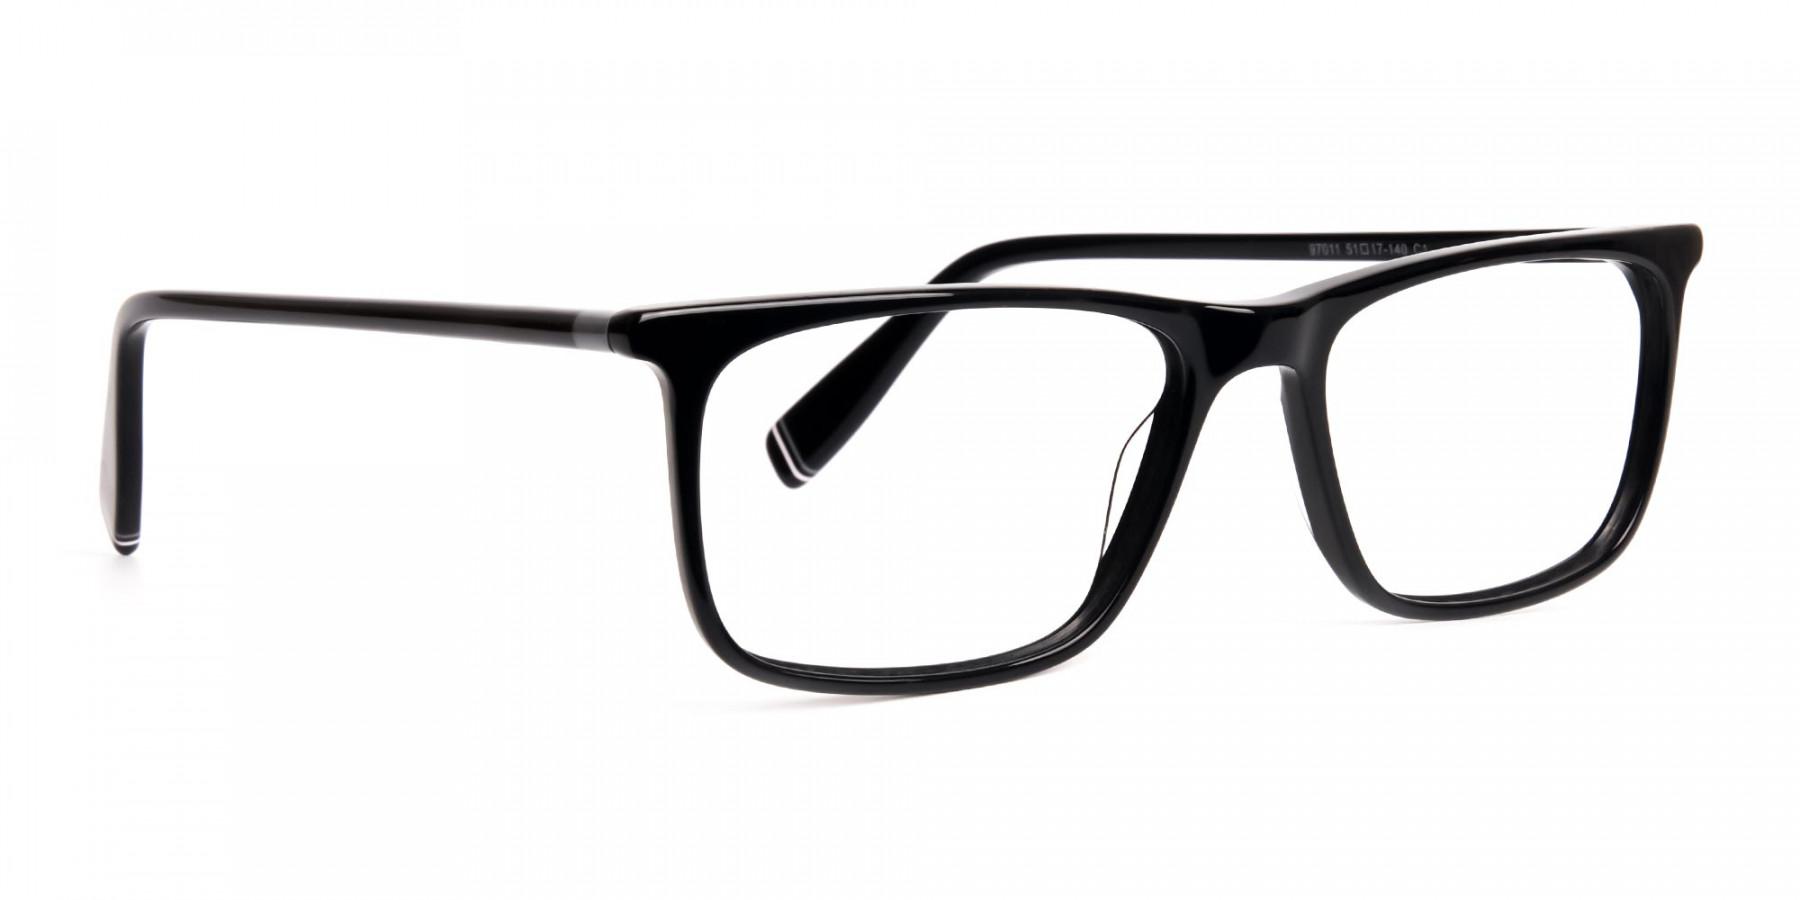 designer-black-glasses-in-rectangular-shape-frames-1